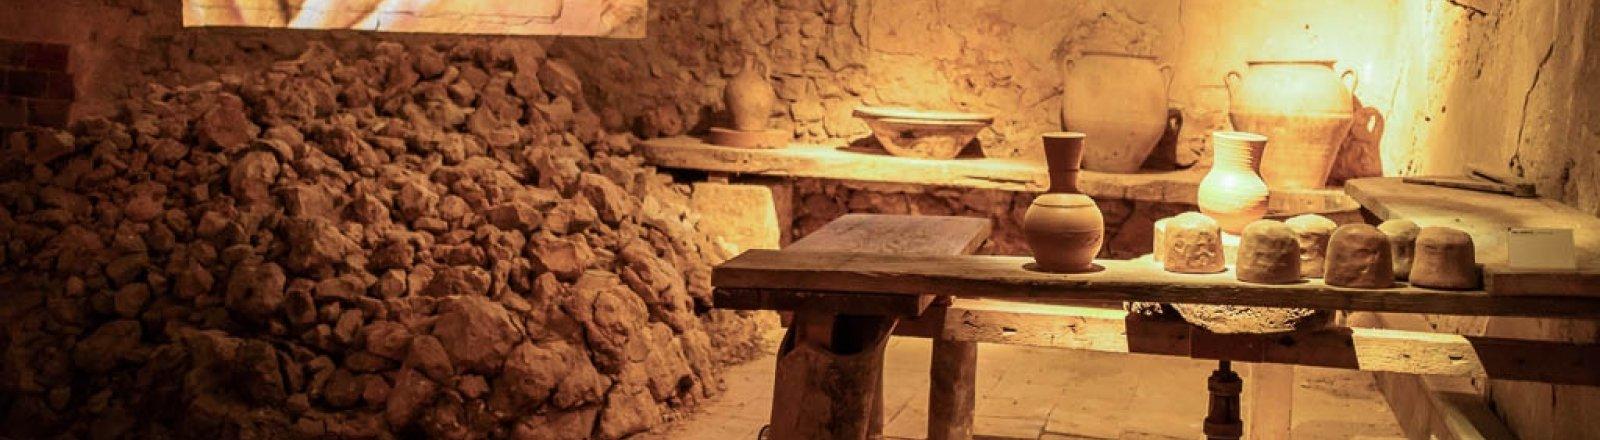 Musée de la poterie à St Jean de Fos, Hérault © Sud de France Développement